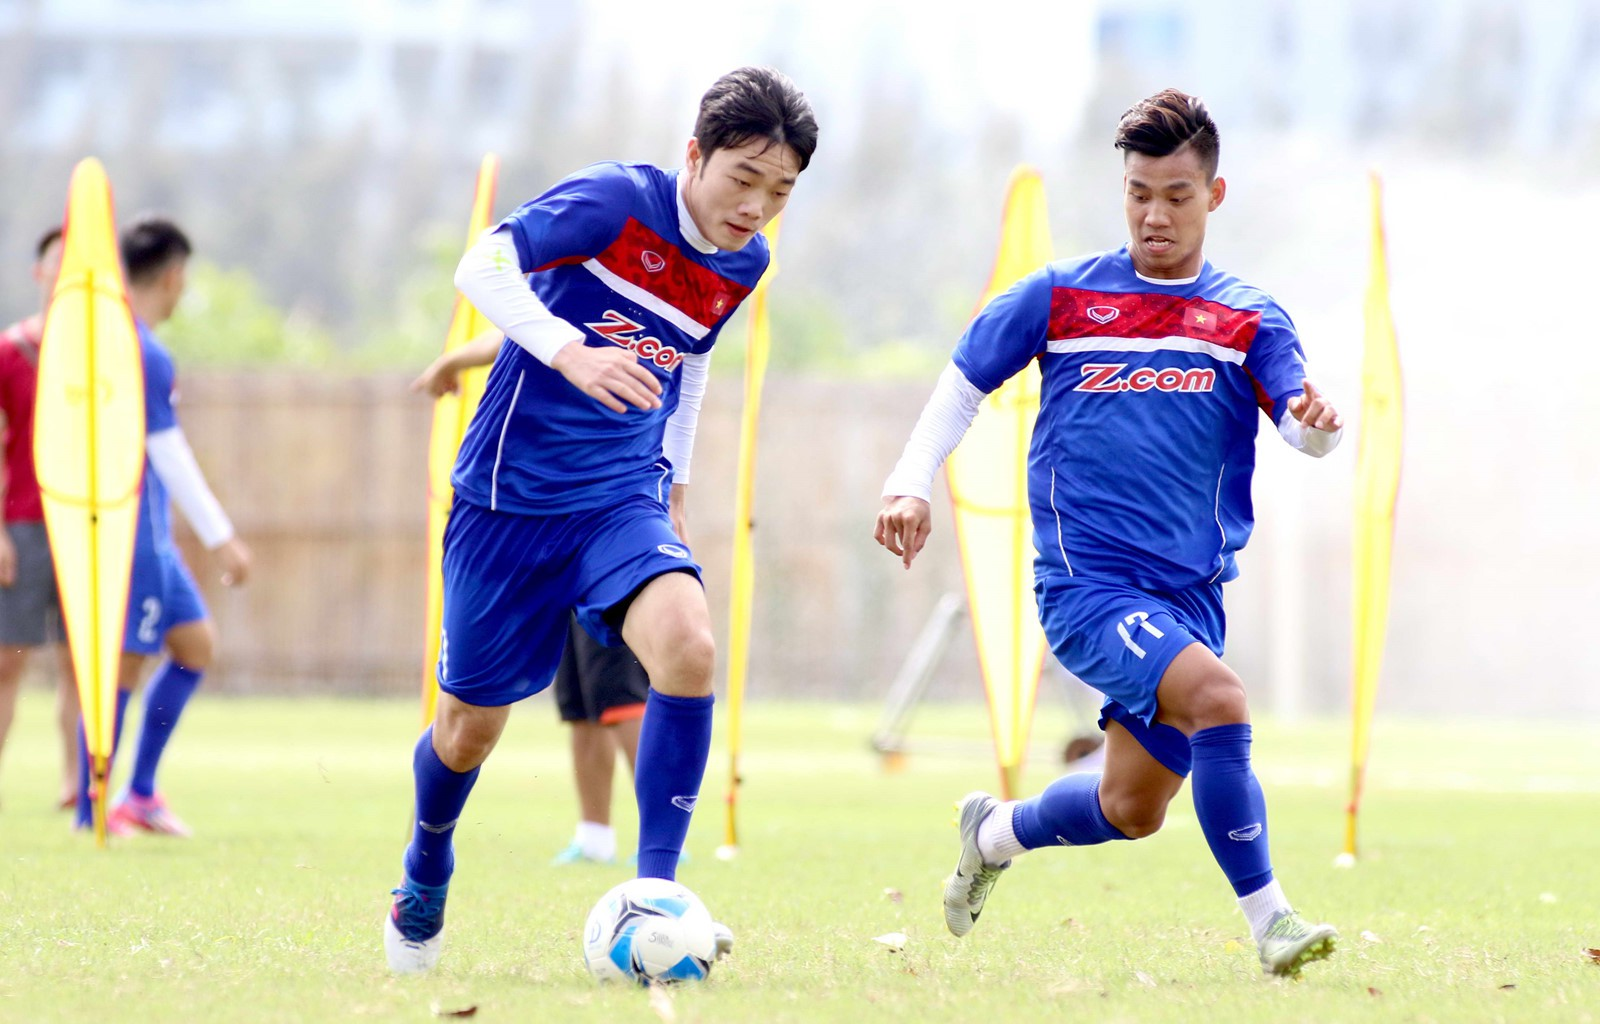 Văn Thanh nói về màn khoanh tay ăn mừng và tiết lộ chàng cầu thủ mà anh quý mến nhất trong đội tuyển U23 Việt Nam - Ảnh 6.